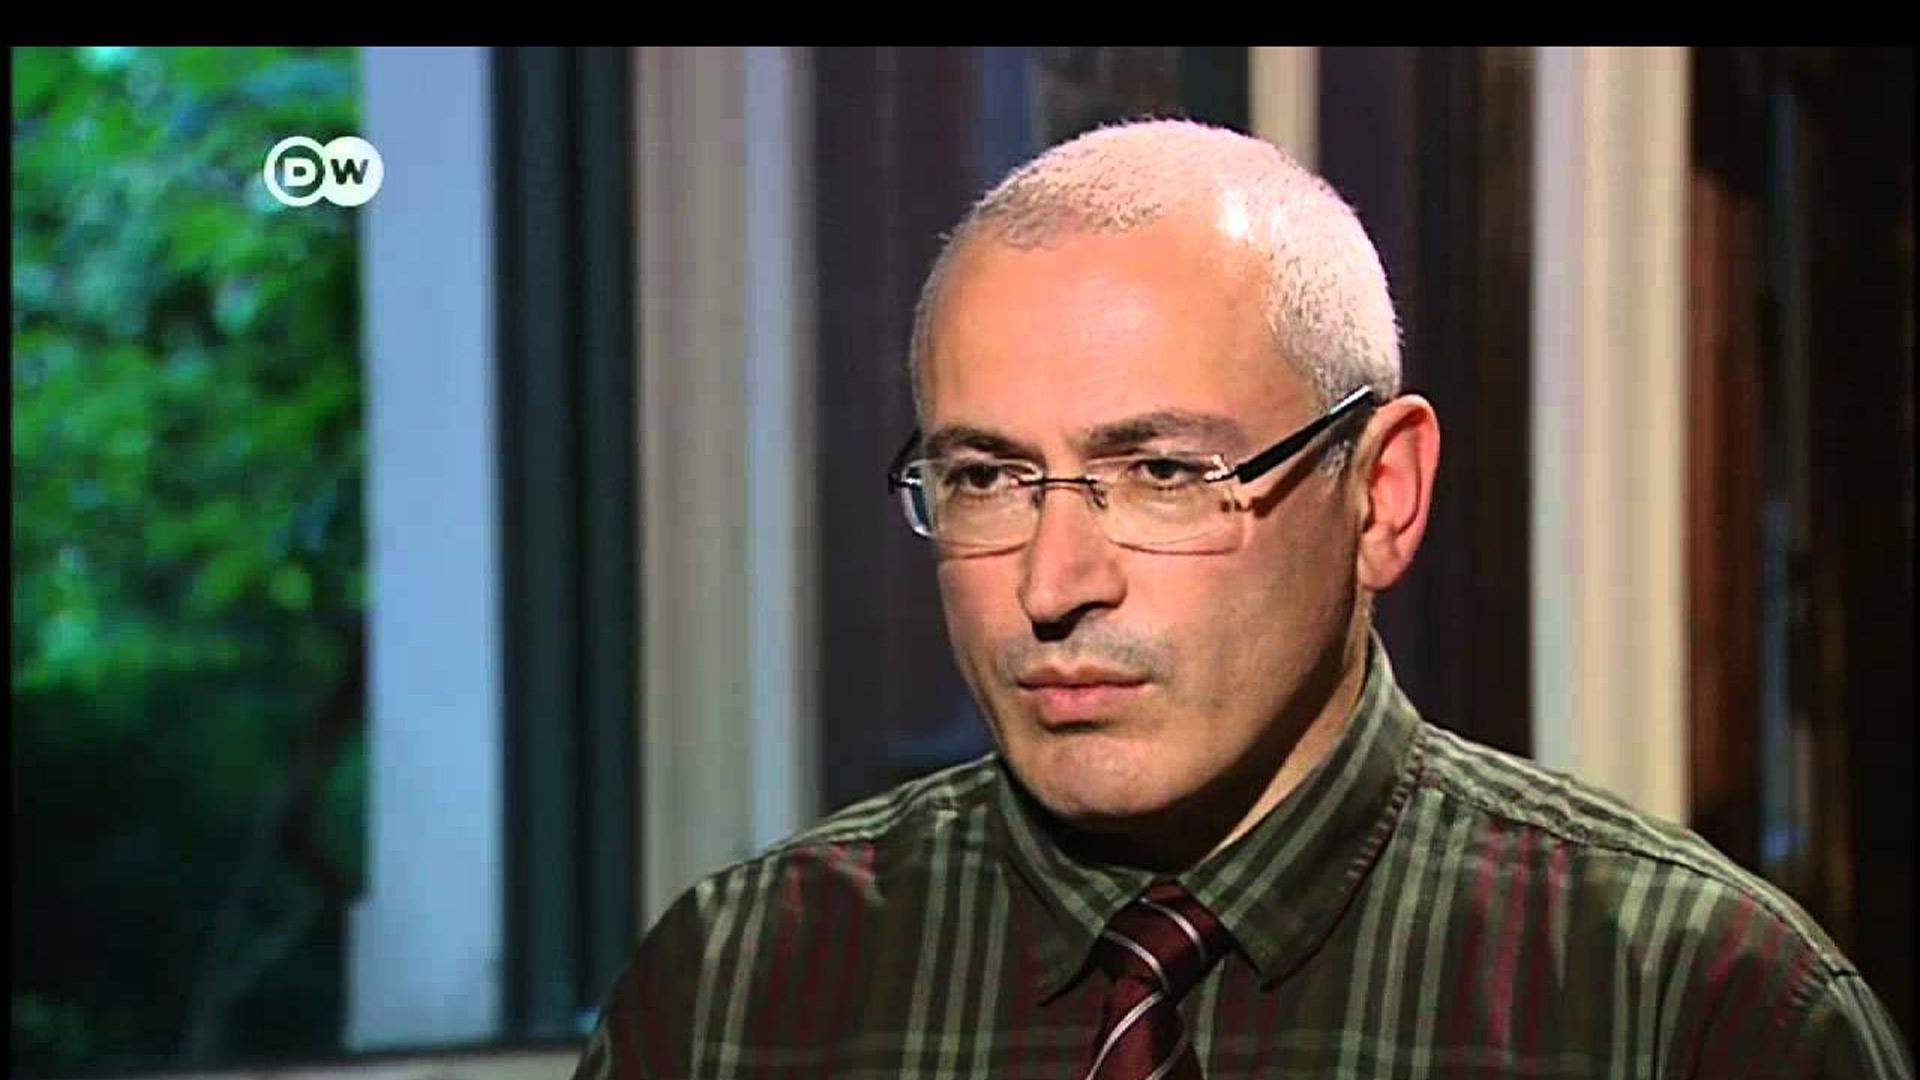 Jodorkovski es acusado del asesinato de Vladimir Petuchov, antiguo alcalde ruso